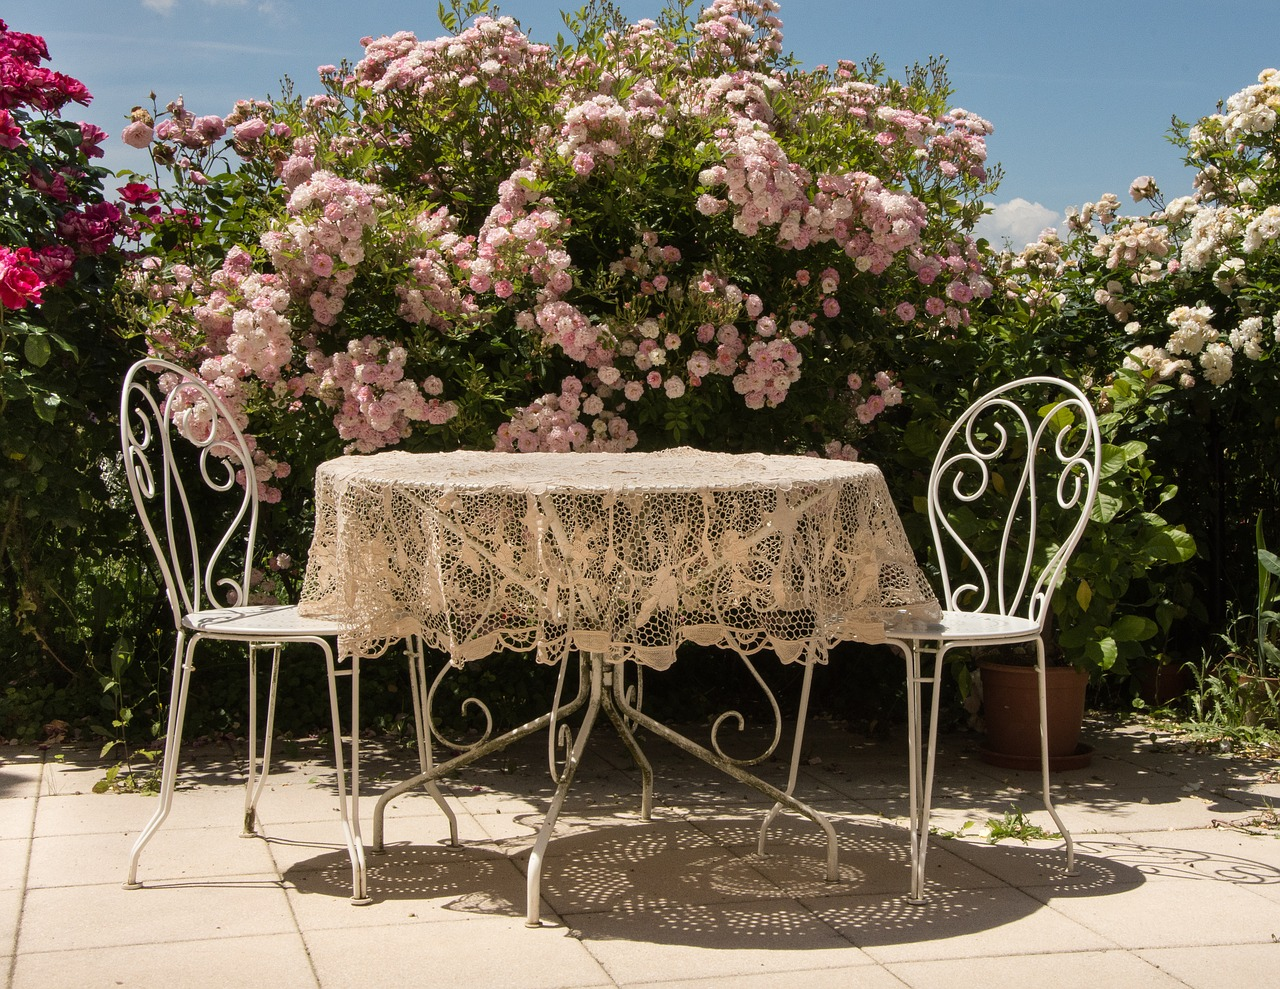 welche arten von terrassenplatten sind unempfindlich steinpark rangsdorf. Black Bedroom Furniture Sets. Home Design Ideas